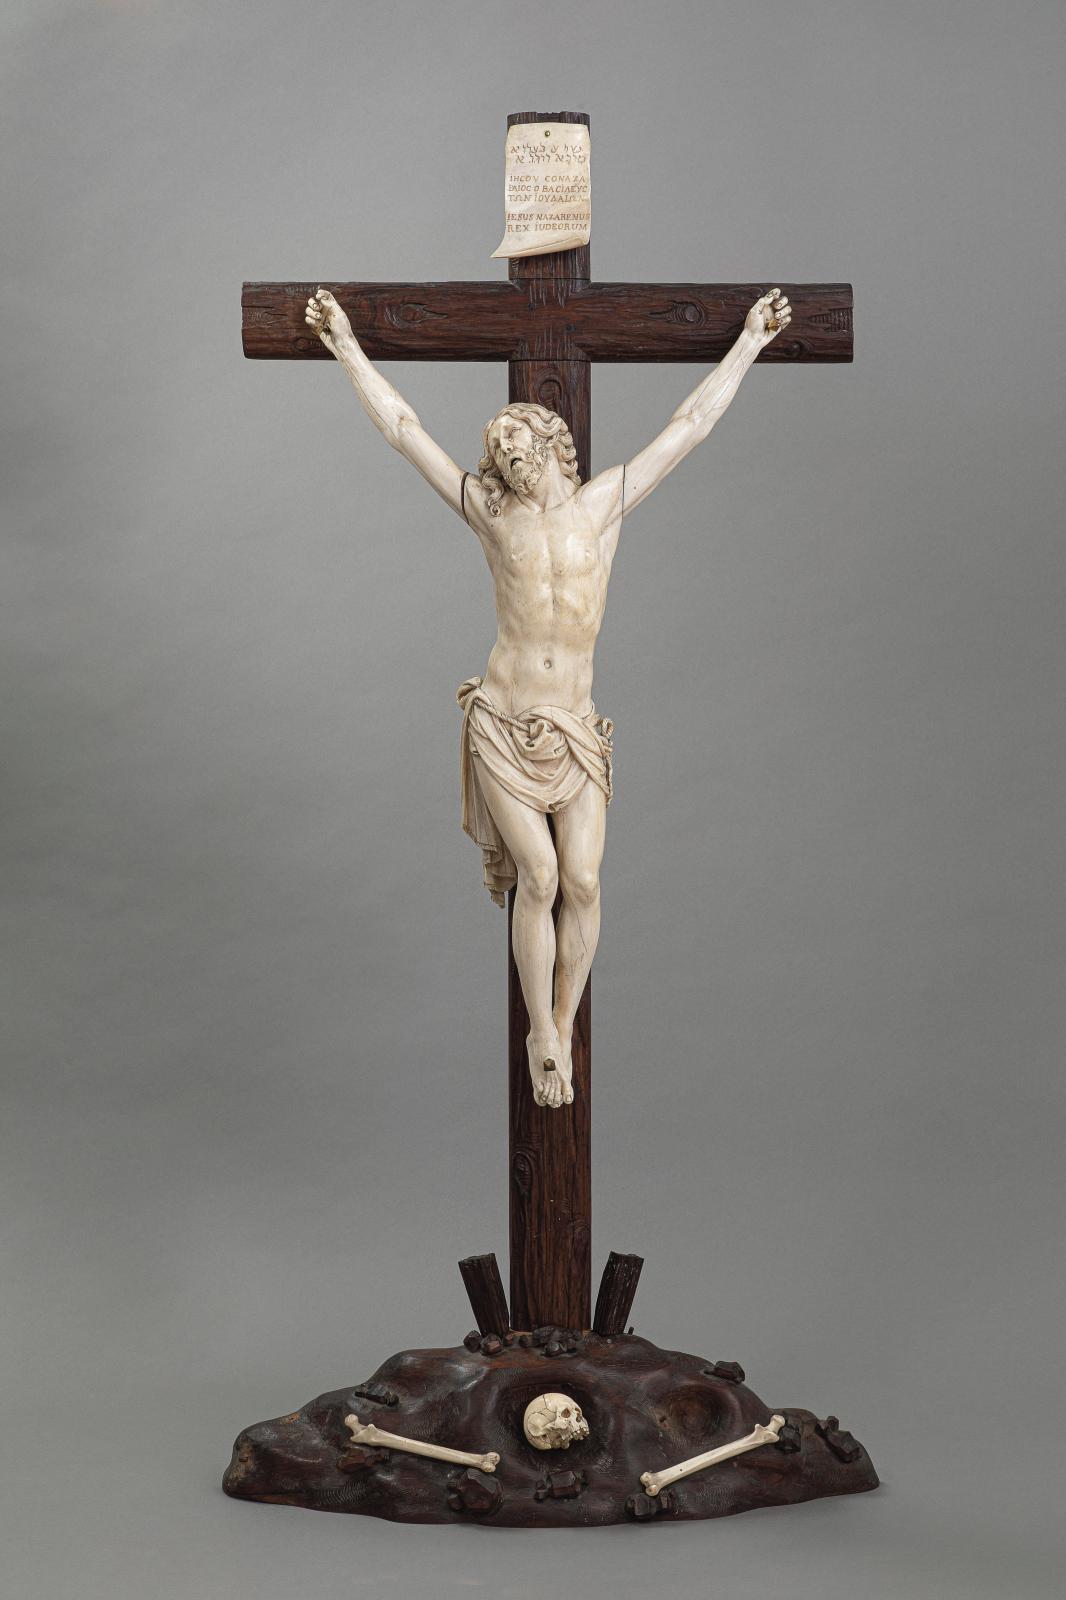 Walter Pompe (1703-1777), Christ en croix, ivoire, signé «1771 Walterus Pompe fecit AE T68 Anvers», h.115cm. Estimation: 100000/12000